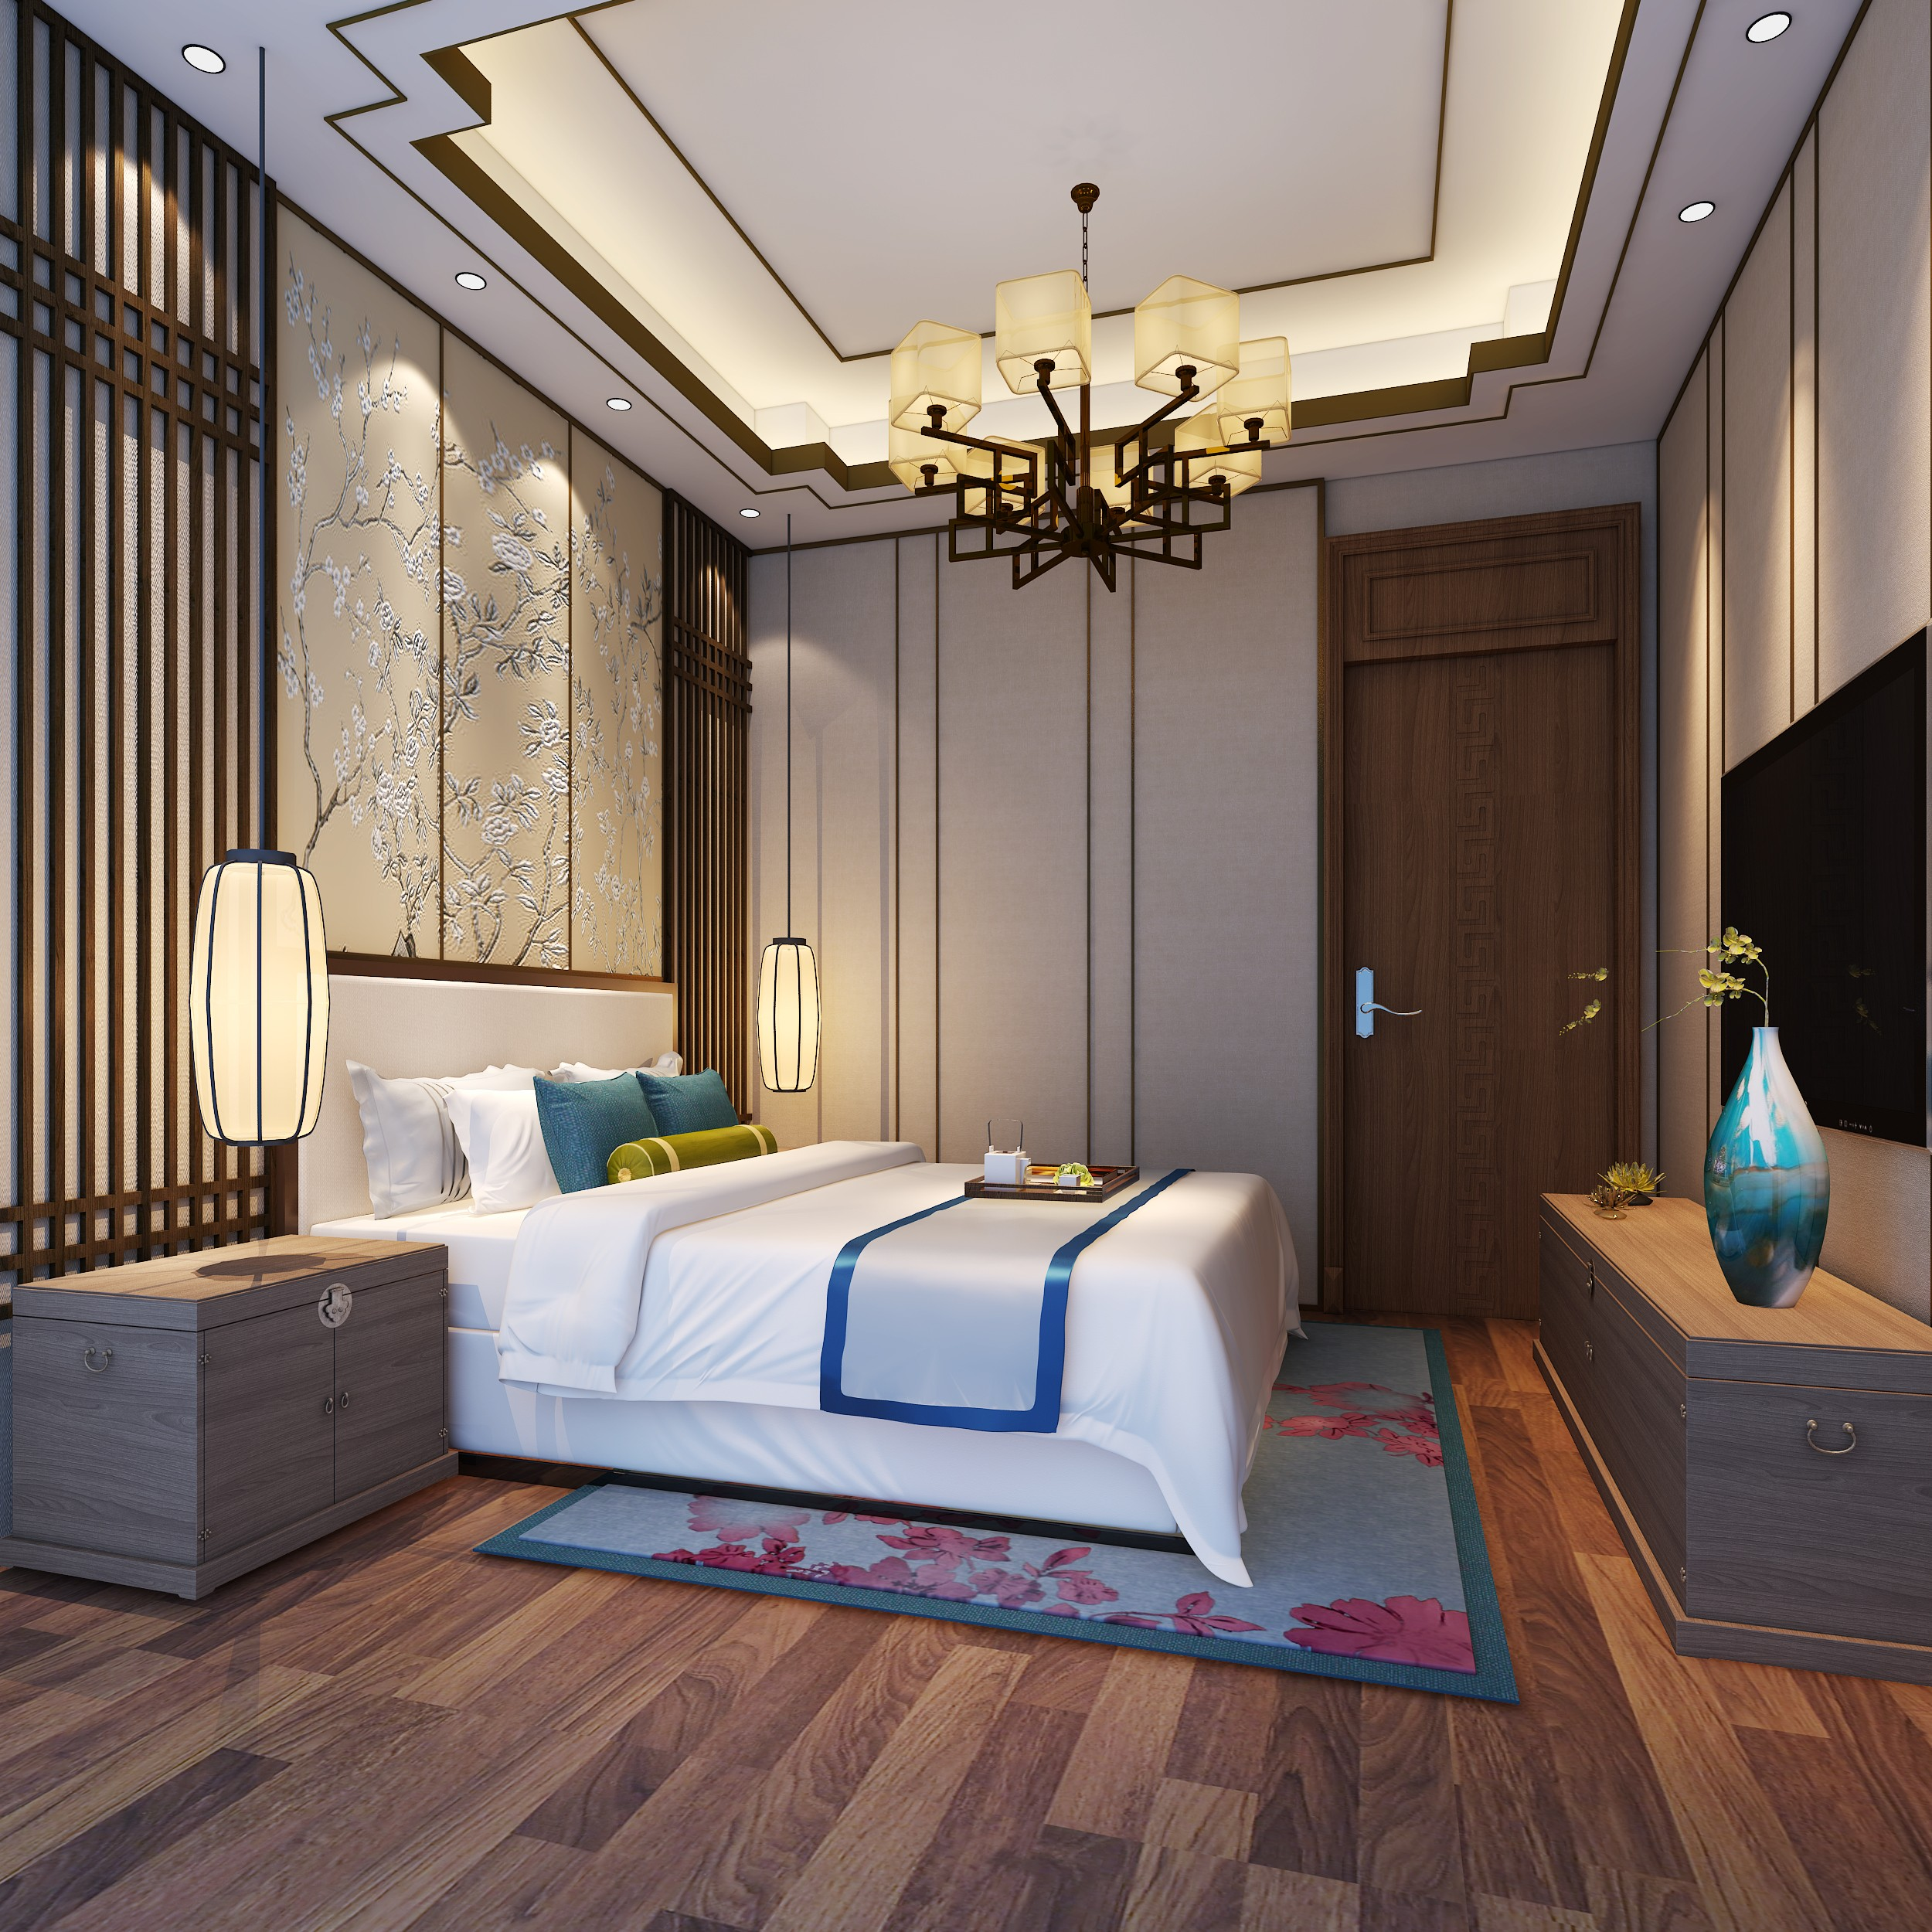 背景墙 房间 家居 起居室 设计 卧室 卧室装修 现代 装修 2500_2500